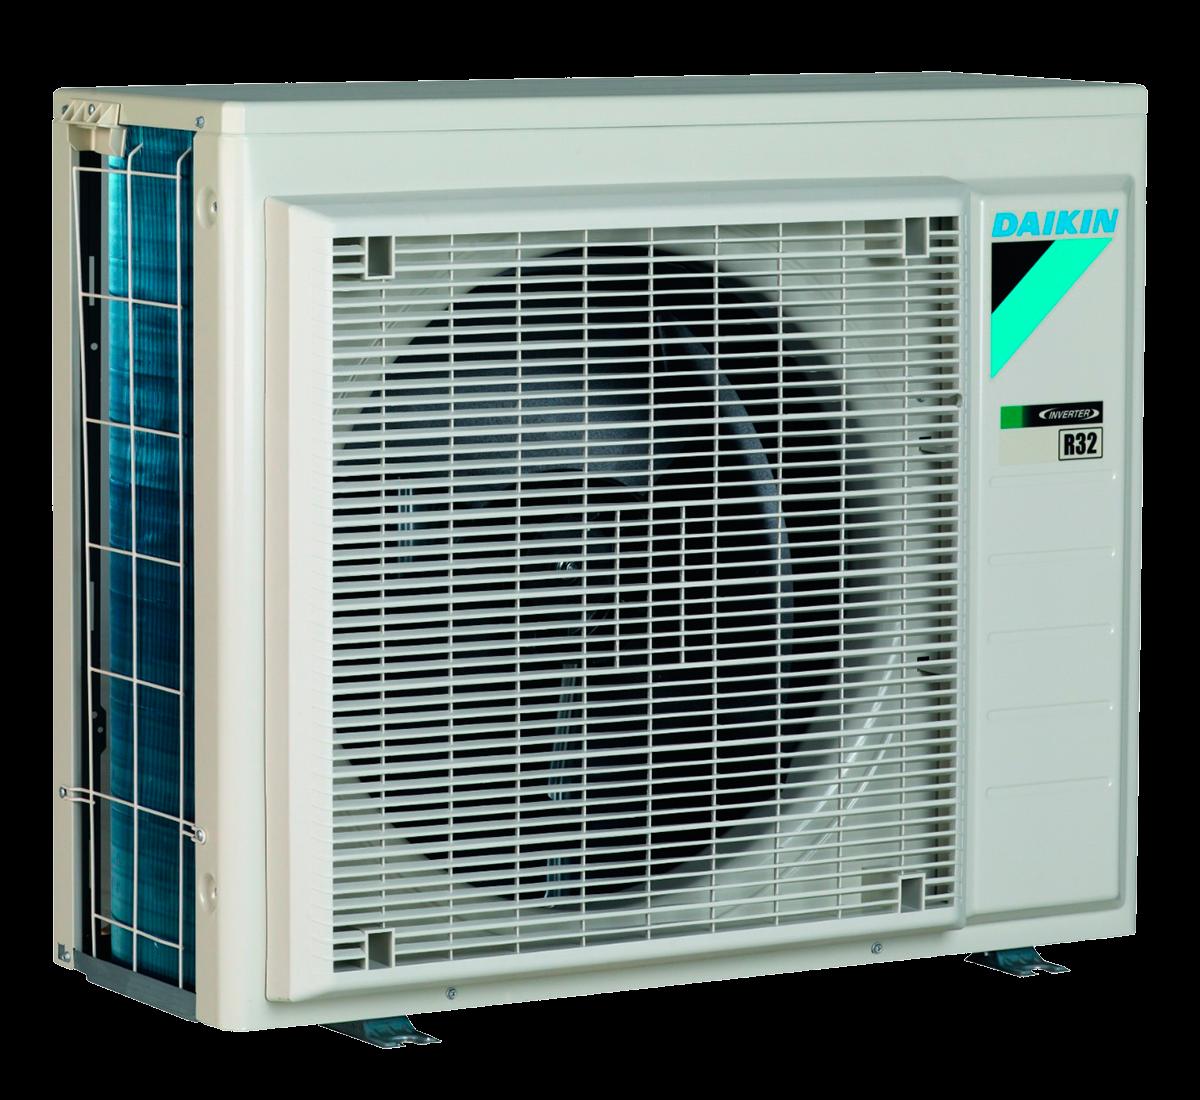 aire acondicionado unidad exterior daikin inverter bluevolution rxm25n9 modelo perfera txm25n instalacion incluida caseragua 02